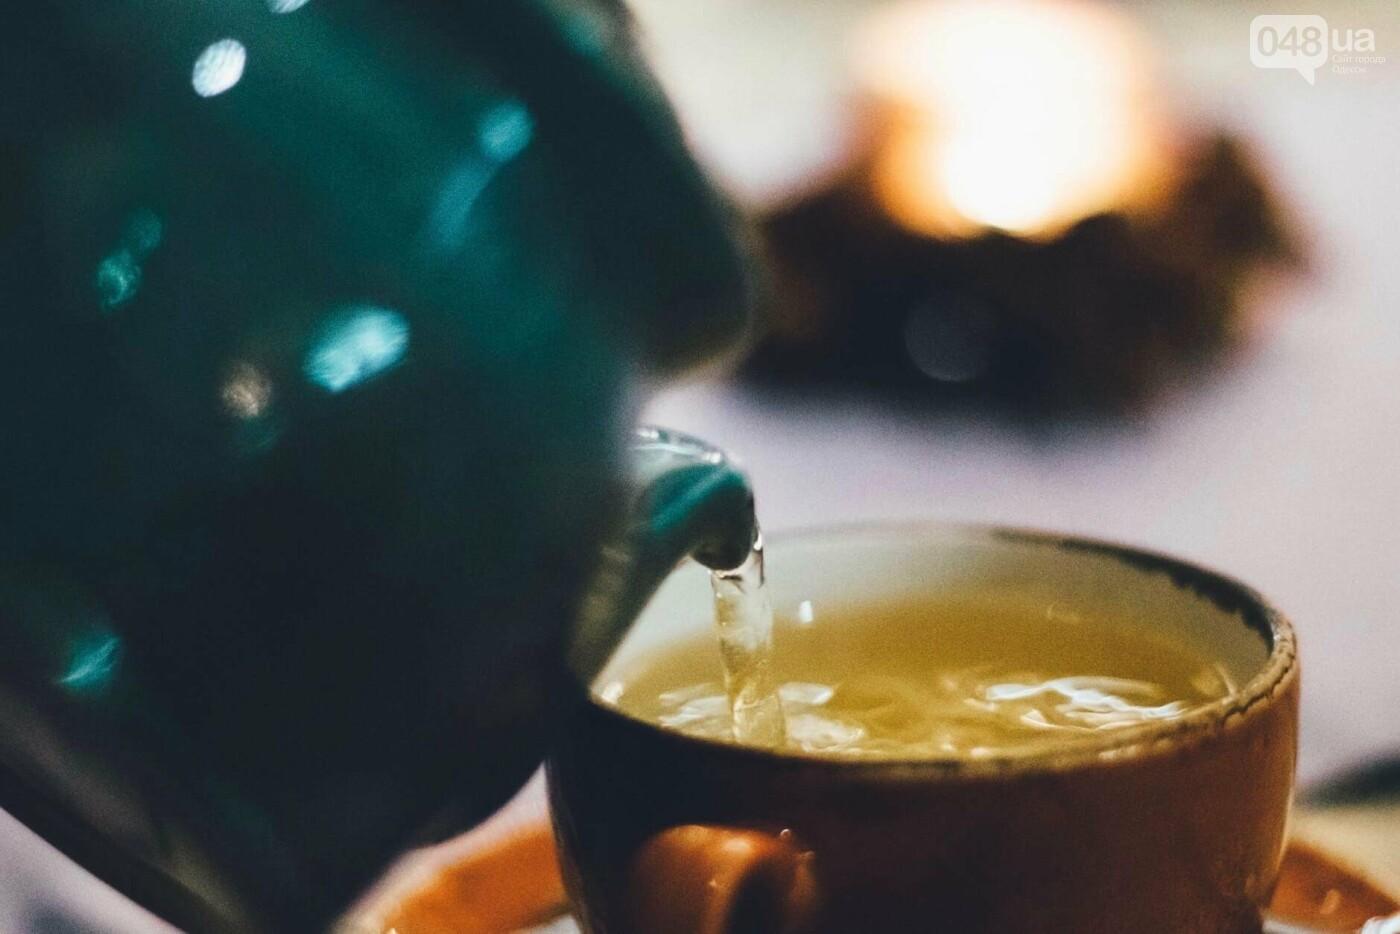 Пуэр – визитка легендарного чая из Поднебесной, фото-2